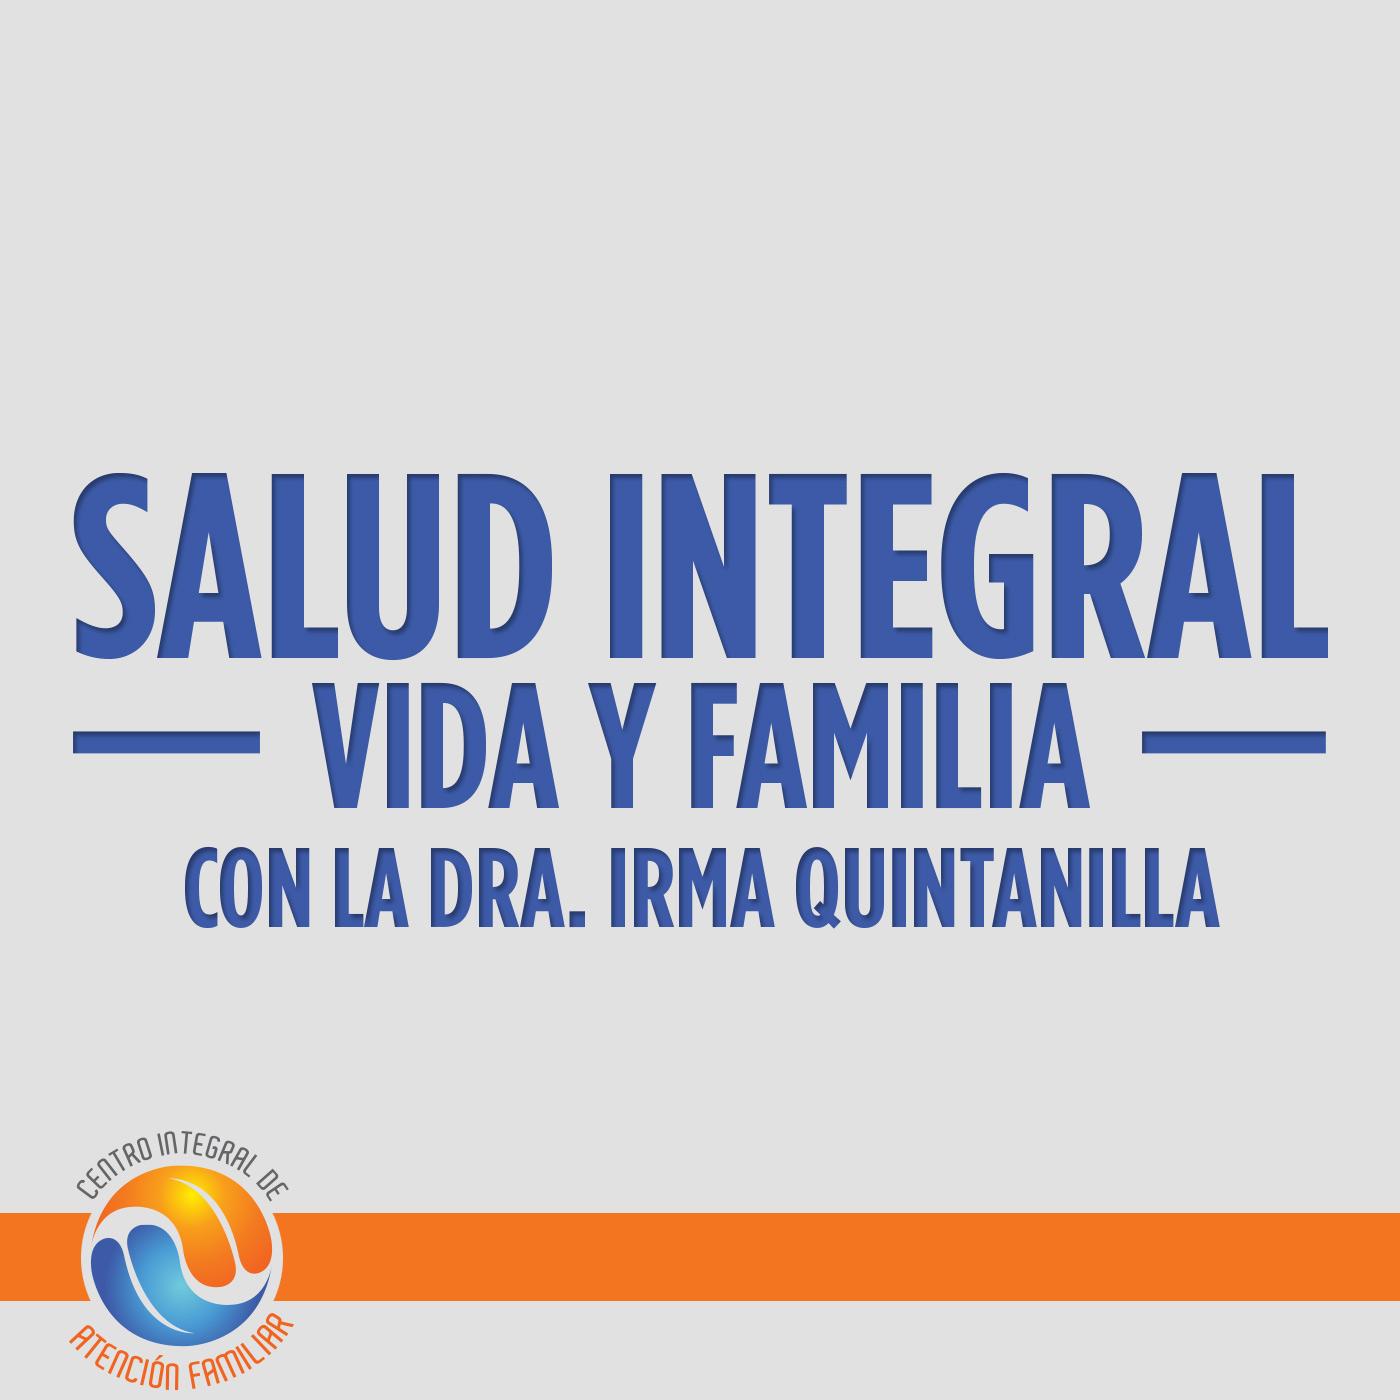 Salud Integral, Vida y Familia